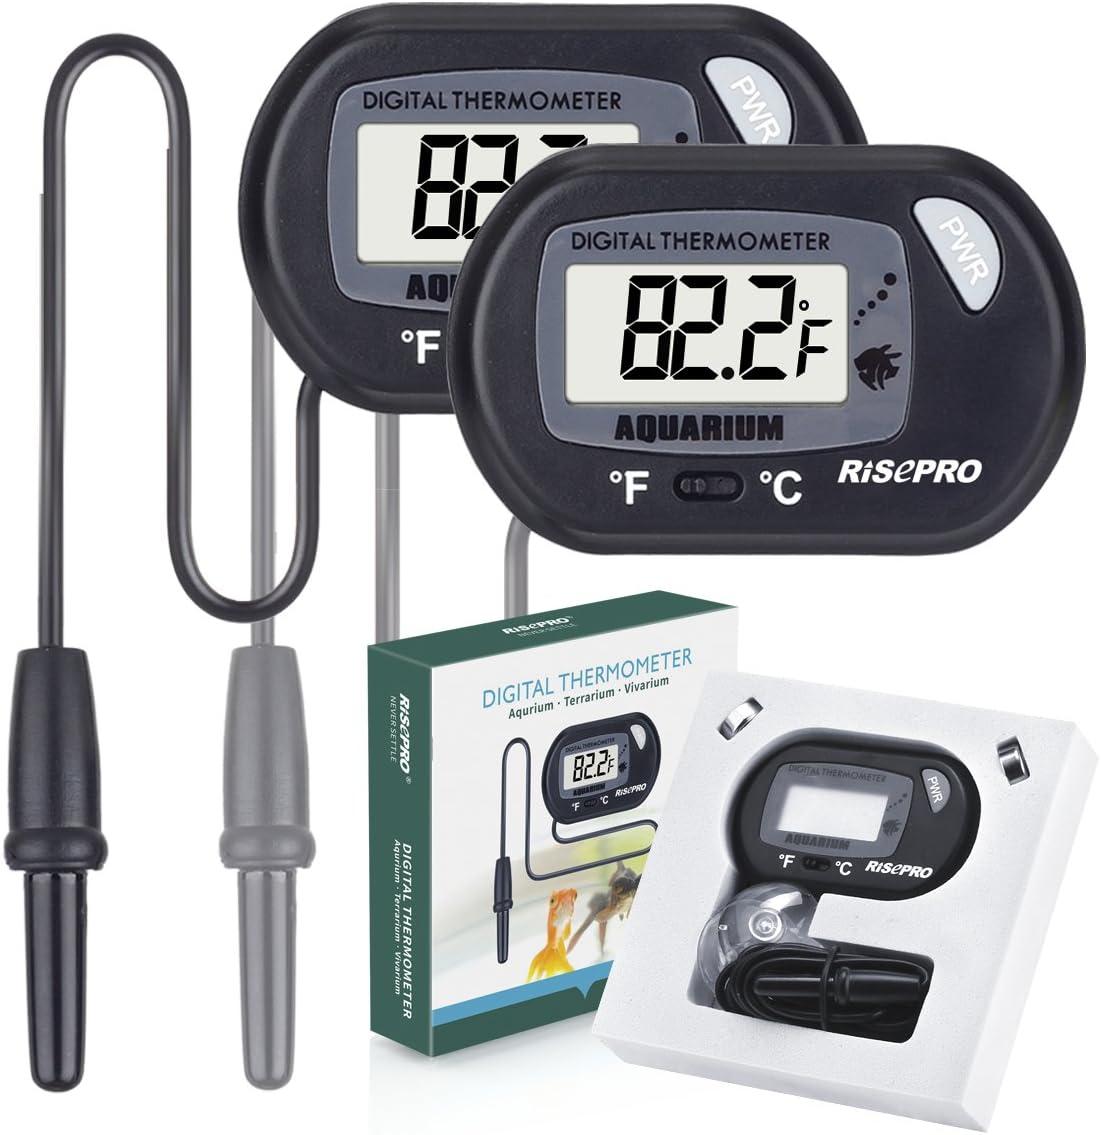 RISEPRO Acuario Termómetro, 2 Pack Digital termómetro de Agua para Fish Tank Acuario Marino Temperatura Vivarium terrario Reptil